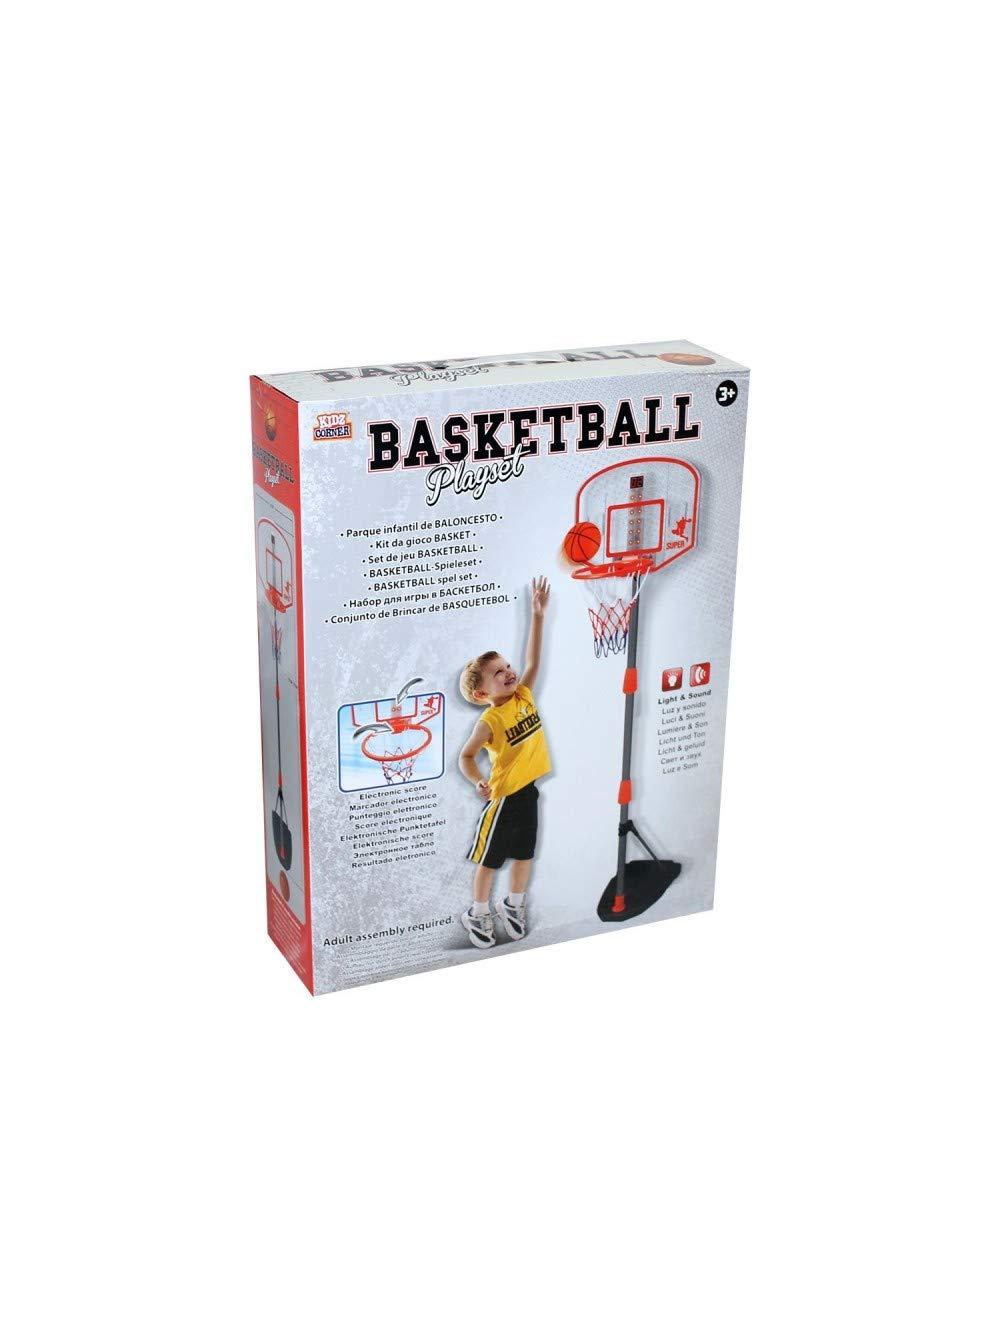 Verstellbare Boden Basketball Elektronik 43X97 170cm Ball und Nadel für die Inflation 140